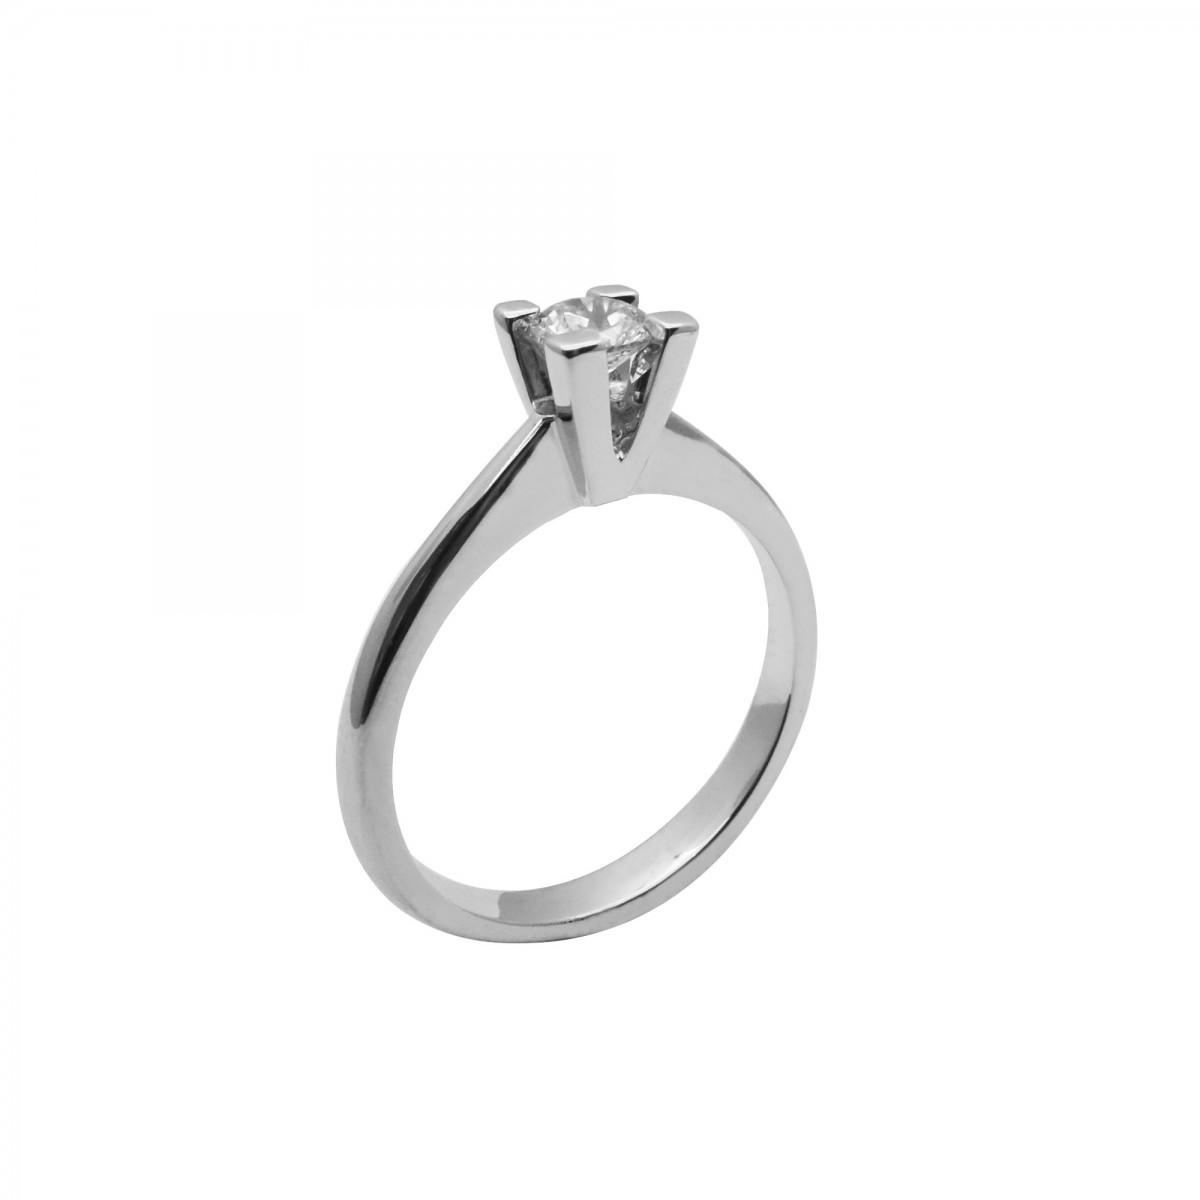 Μονόπετρο δαχτυλίδι λευκόχρυσο 14 καράτια με ζιργκόν - 208€ 1849923f63e